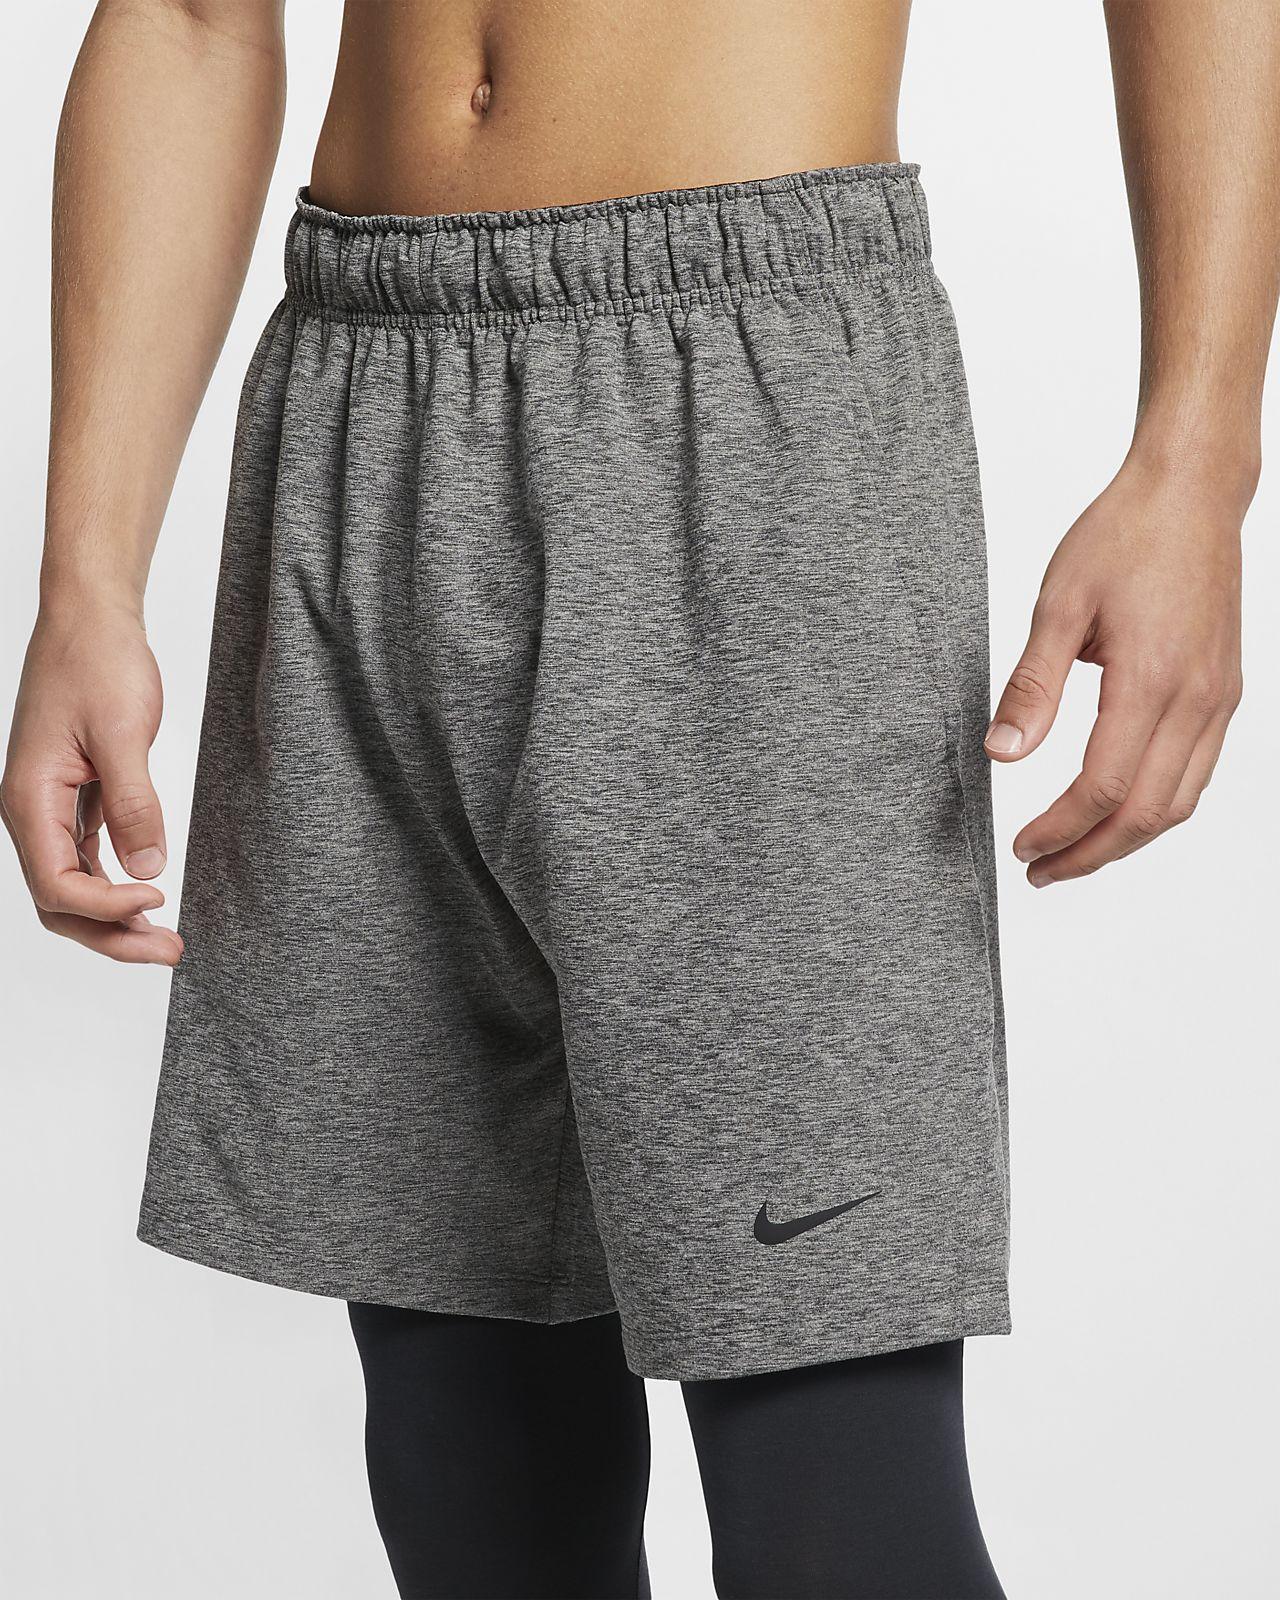 Nike Dri-FIT Men's Yoga Training Shorts